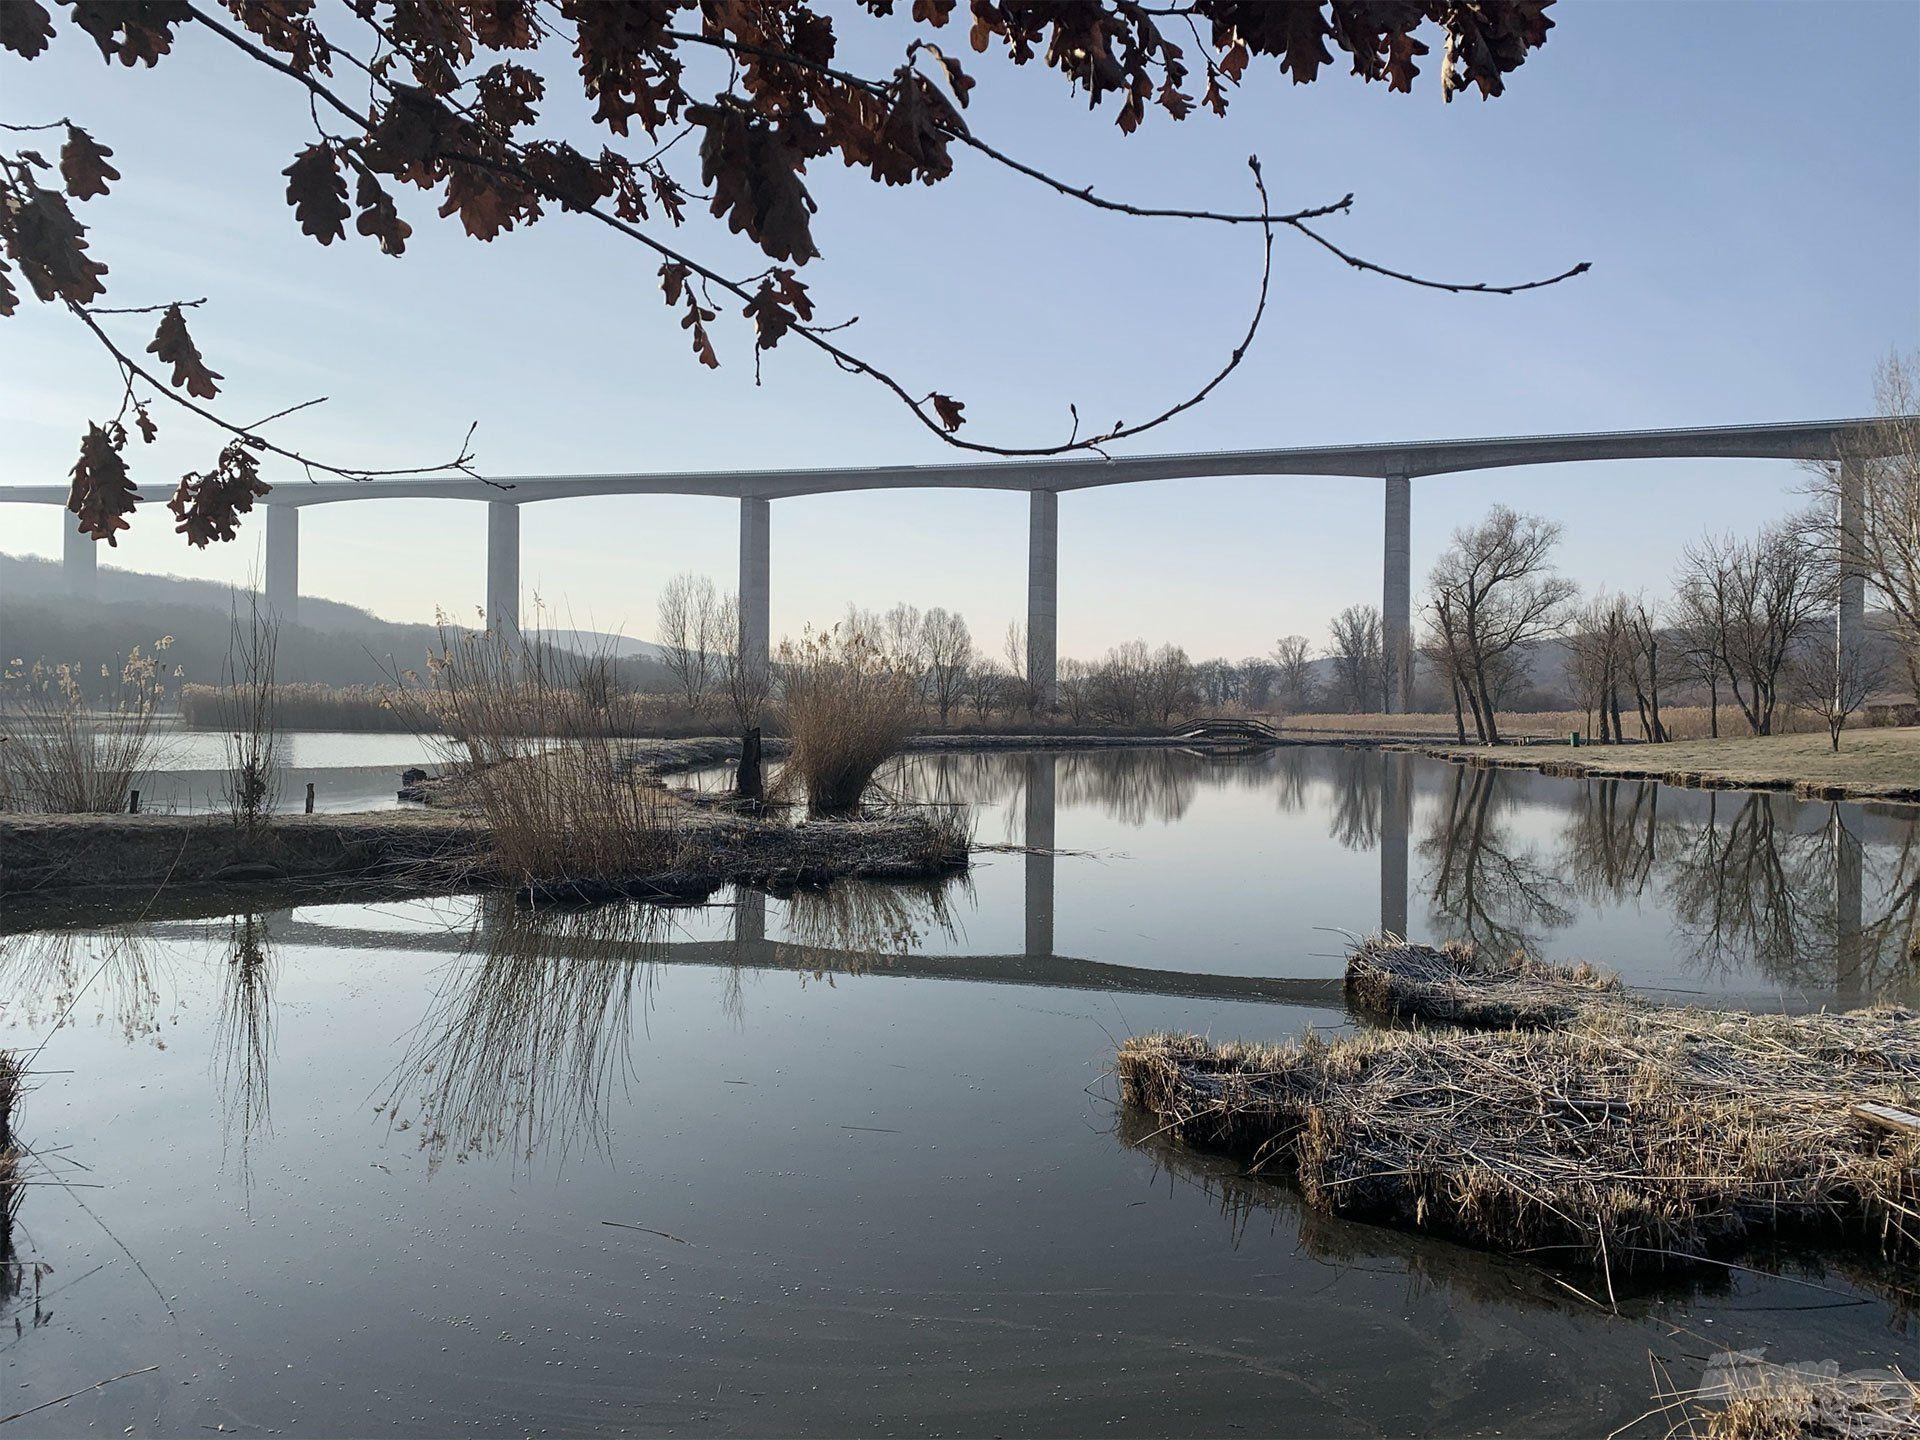 Nemcsak a hídról, de a hídra is szép a kilátás